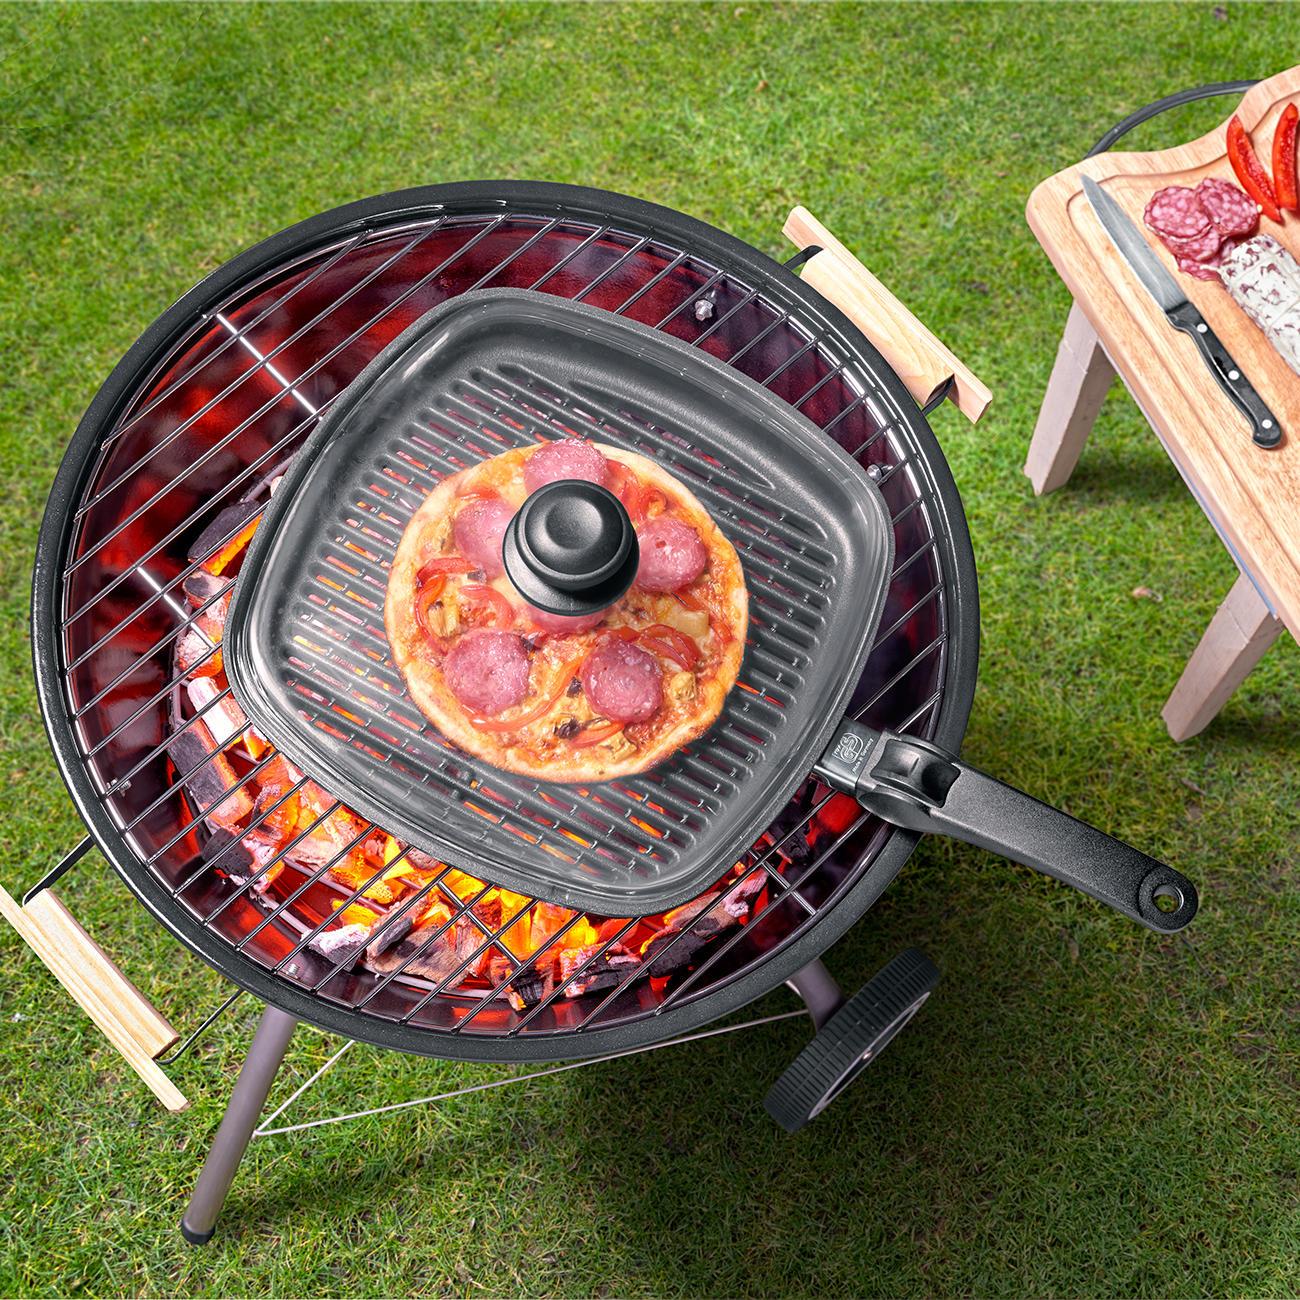 Pfanne Für Holzkohlegrill : grillrost pfanne bbq grillpfanne online kaufen ~ Watch28wear.com Haus und Dekorationen